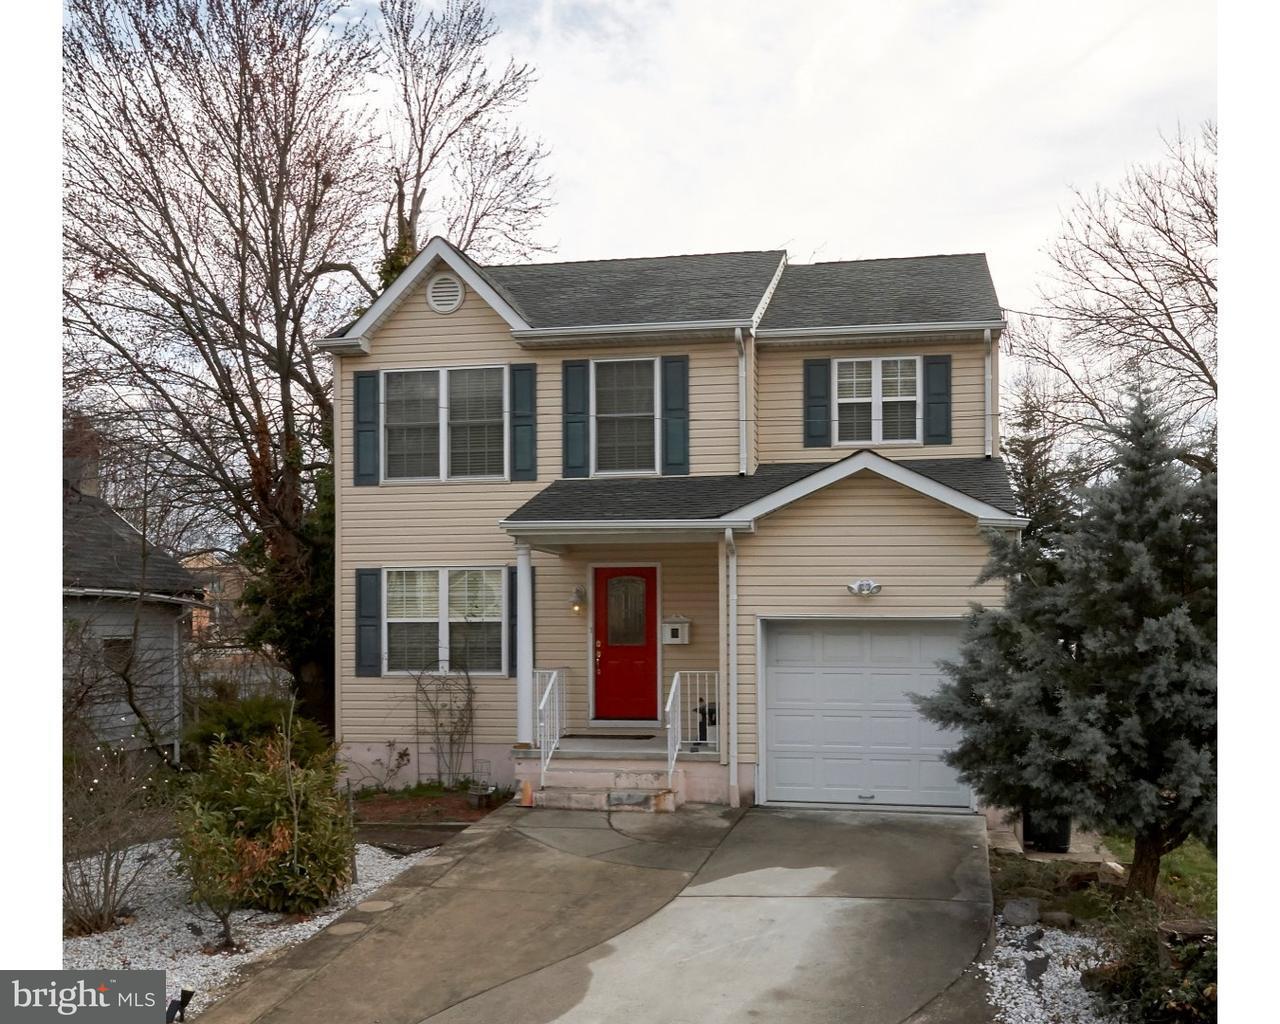 Maison unifamiliale pour l Vente à 321 SAUNDERS Avenue Bellmawr, New Jersey 08031 États-Unis